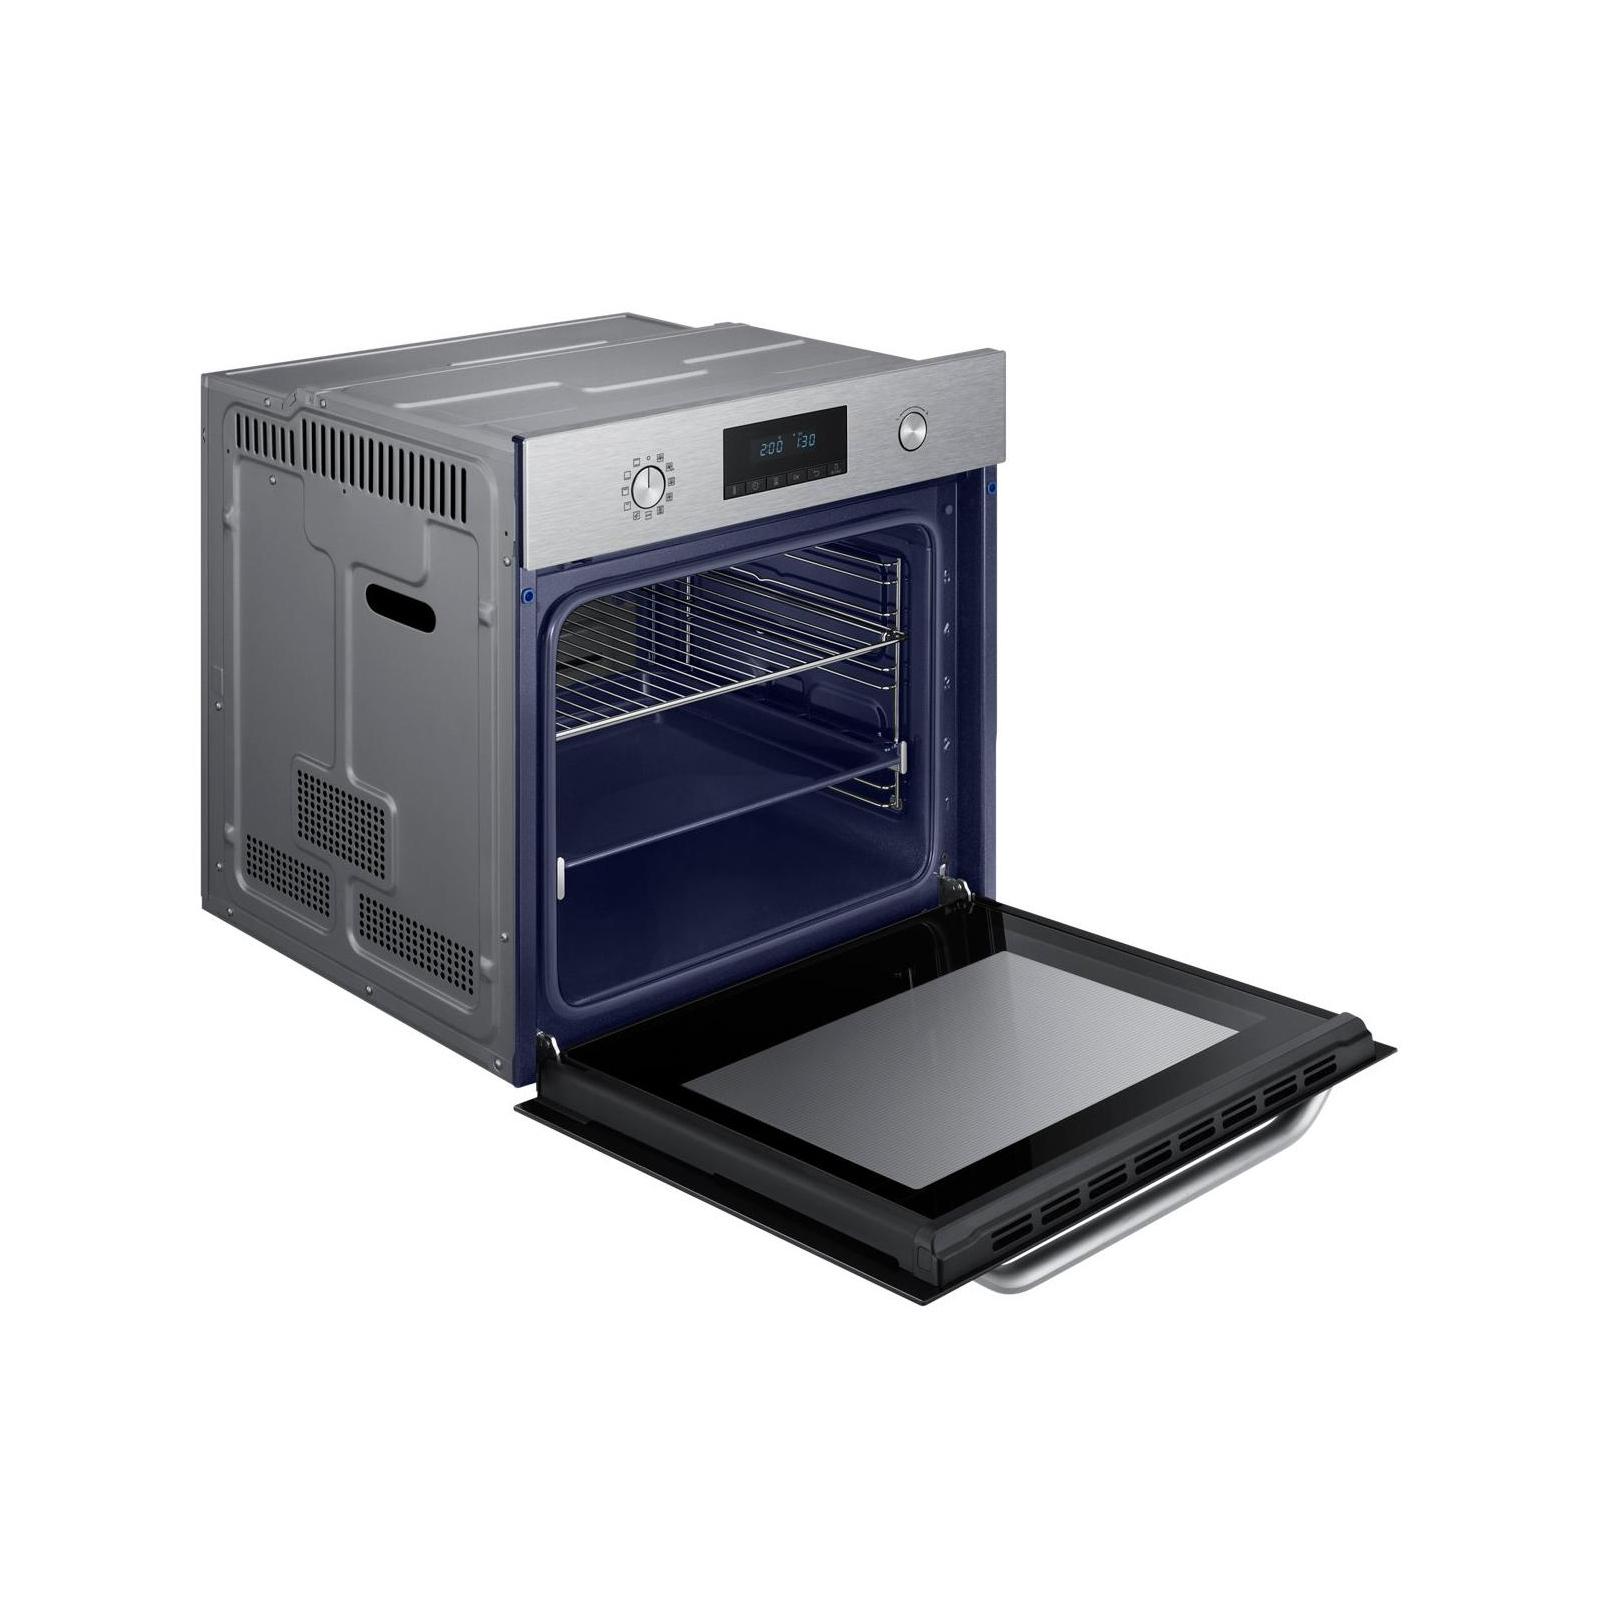 Духовой шкаф Samsung NV70K2340RS/WT изображение 7